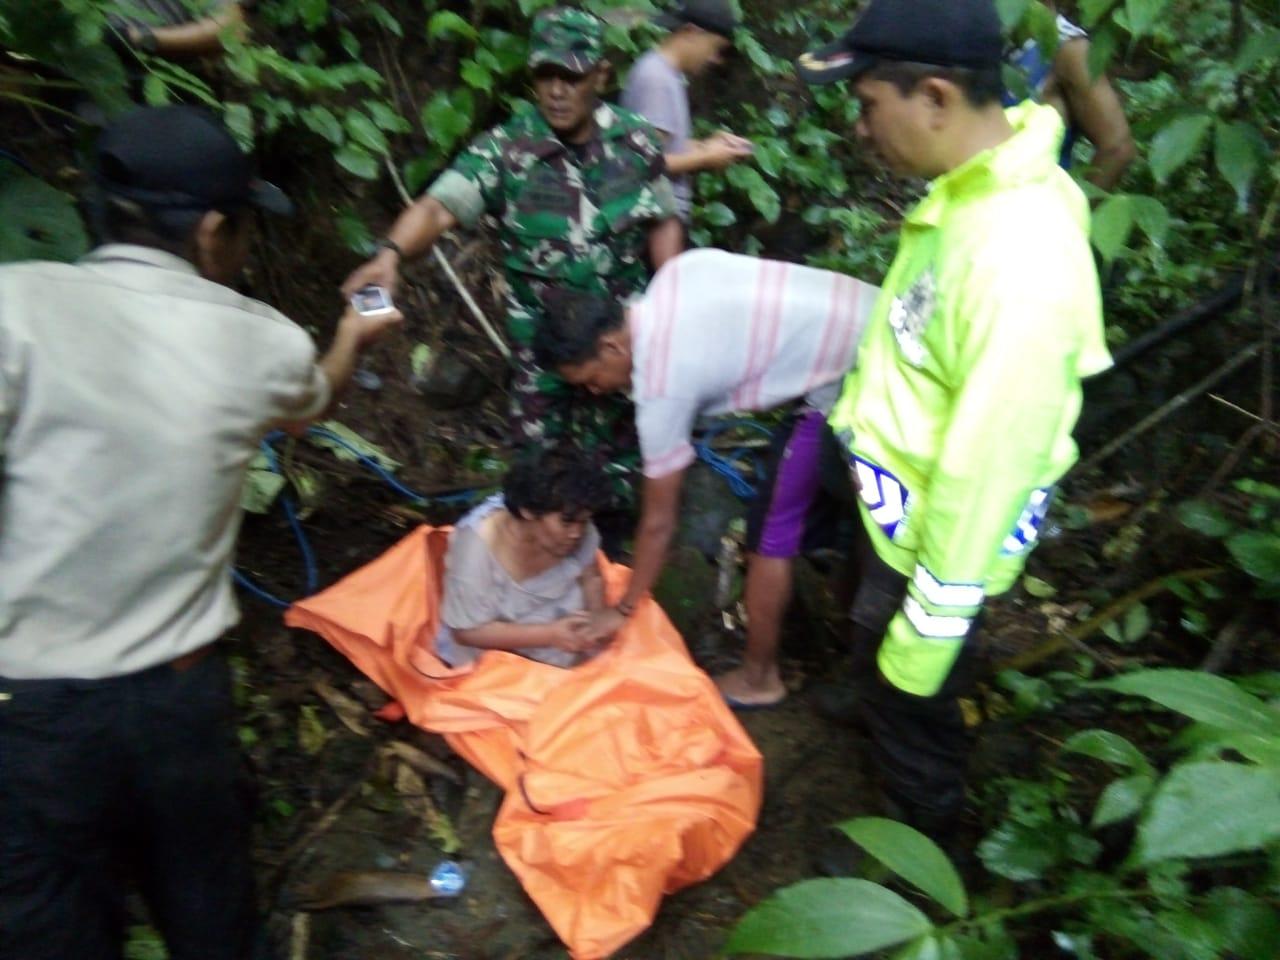 Petugas mengevakuasi orang gila yang tersesat di Hutan Gadungan.(Foto : Humas Polres Blitar)